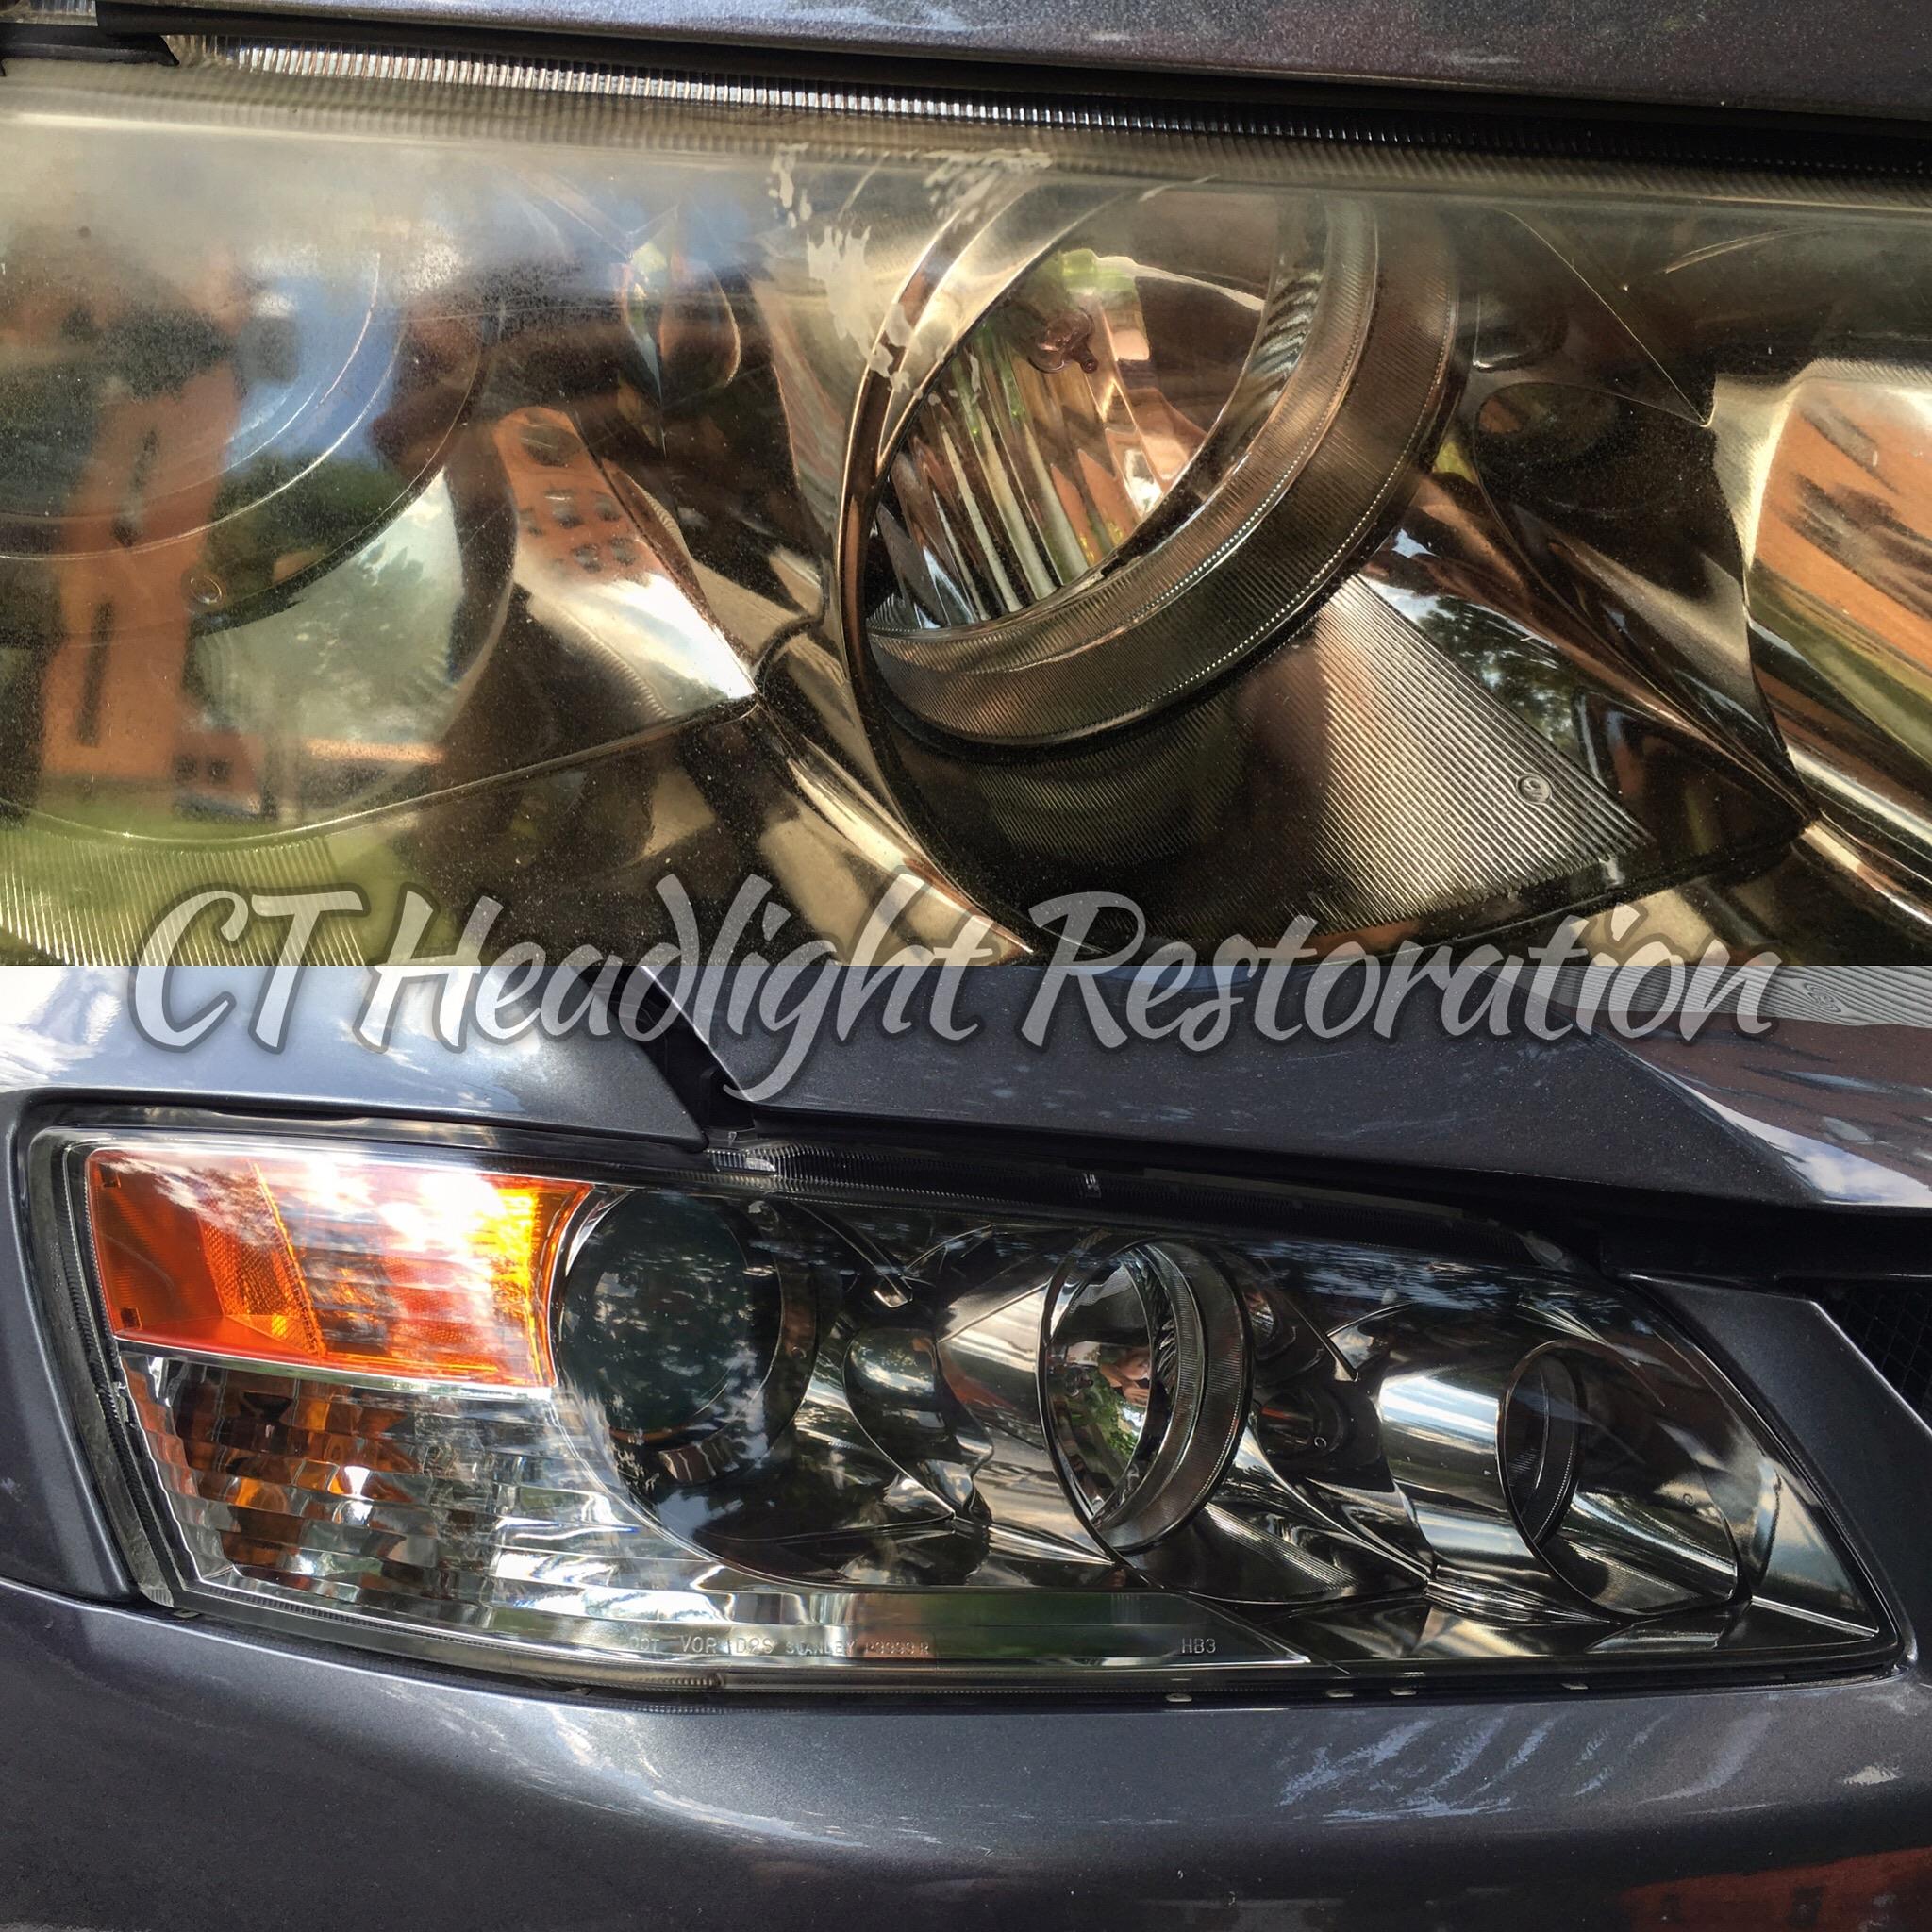 Mitsubishi Evo CT Yellow Headlight Restoration.jpg